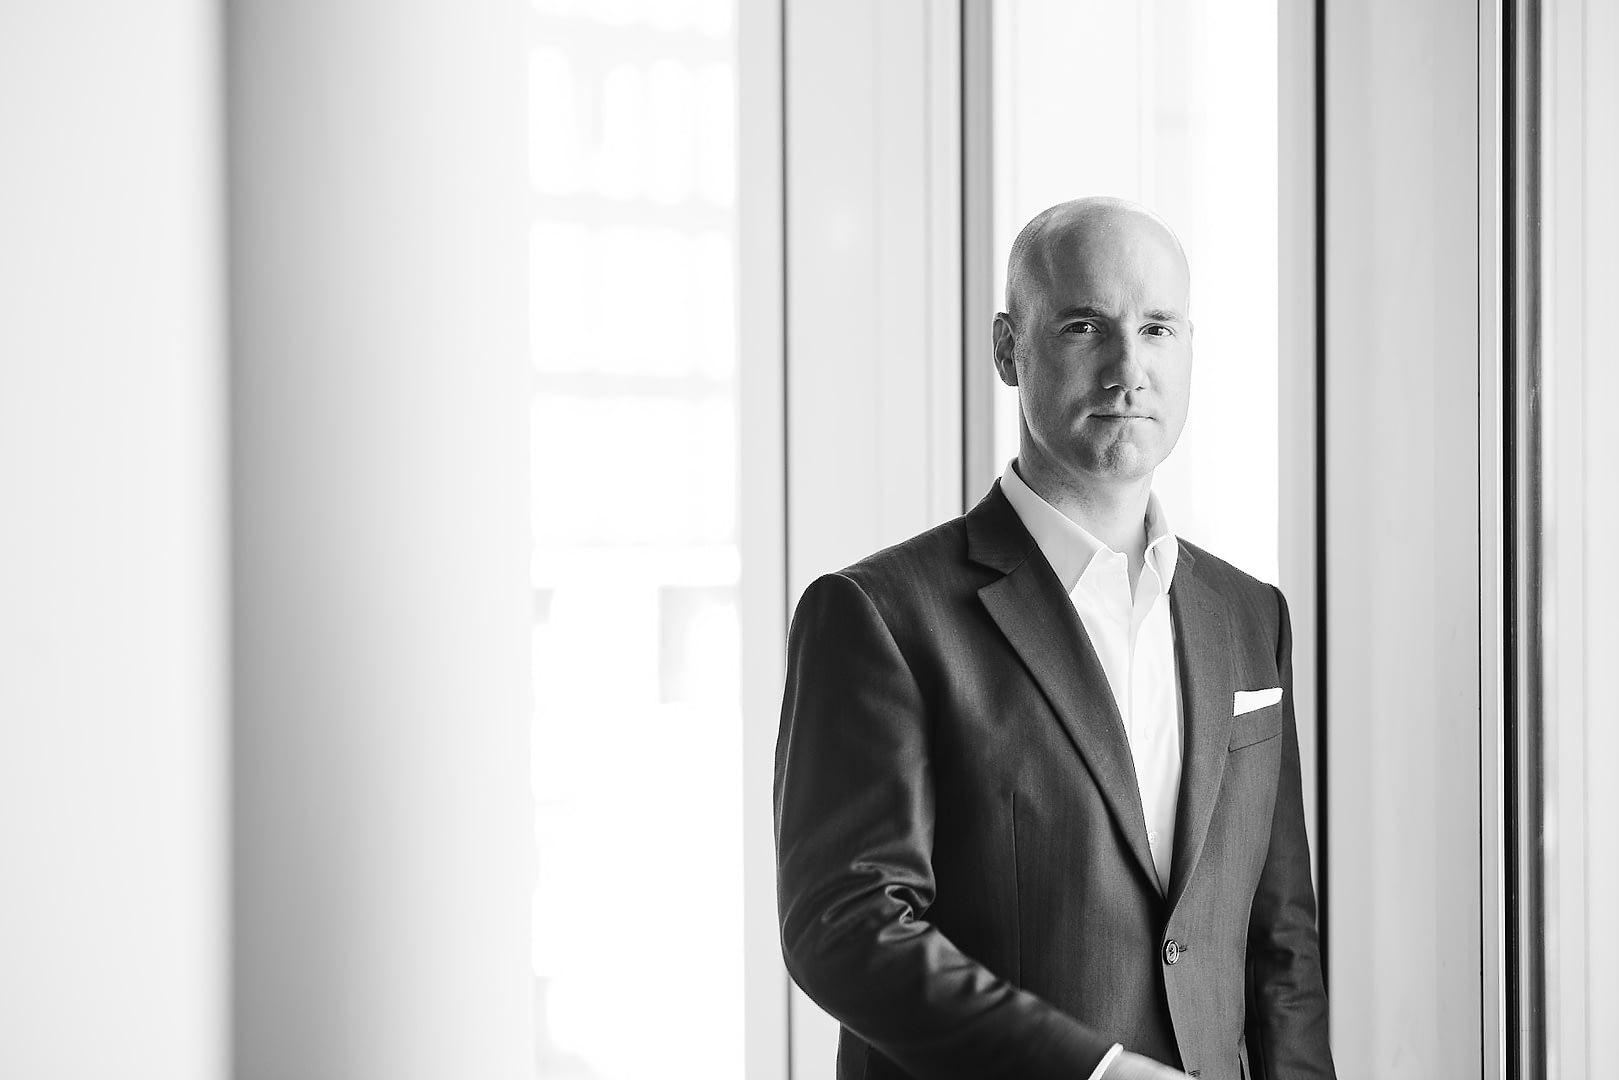 CFO Ralf Struckmeyer | Corporate Portrait | Geschaeftsbericht Der Godewind AG